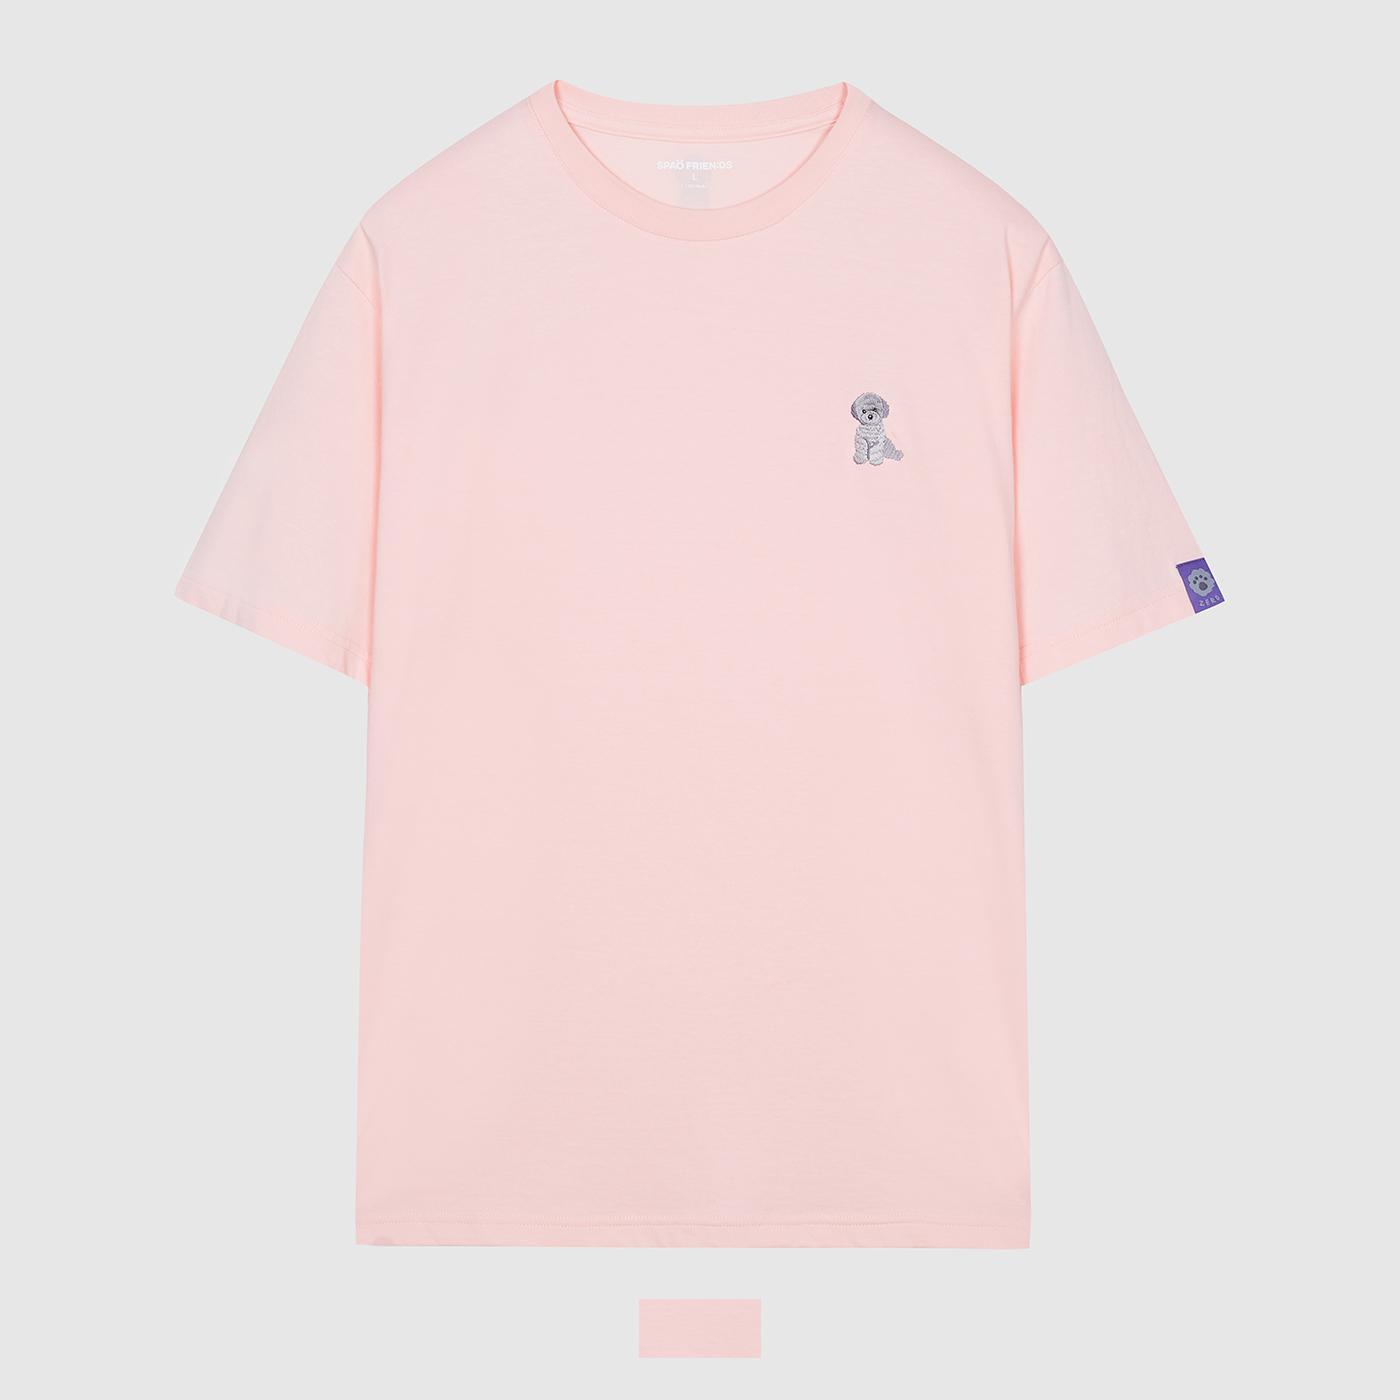 [스파오](ZERO) 슈스개 제로 티셔츠(LIGHT PINK) SPRLA37C13